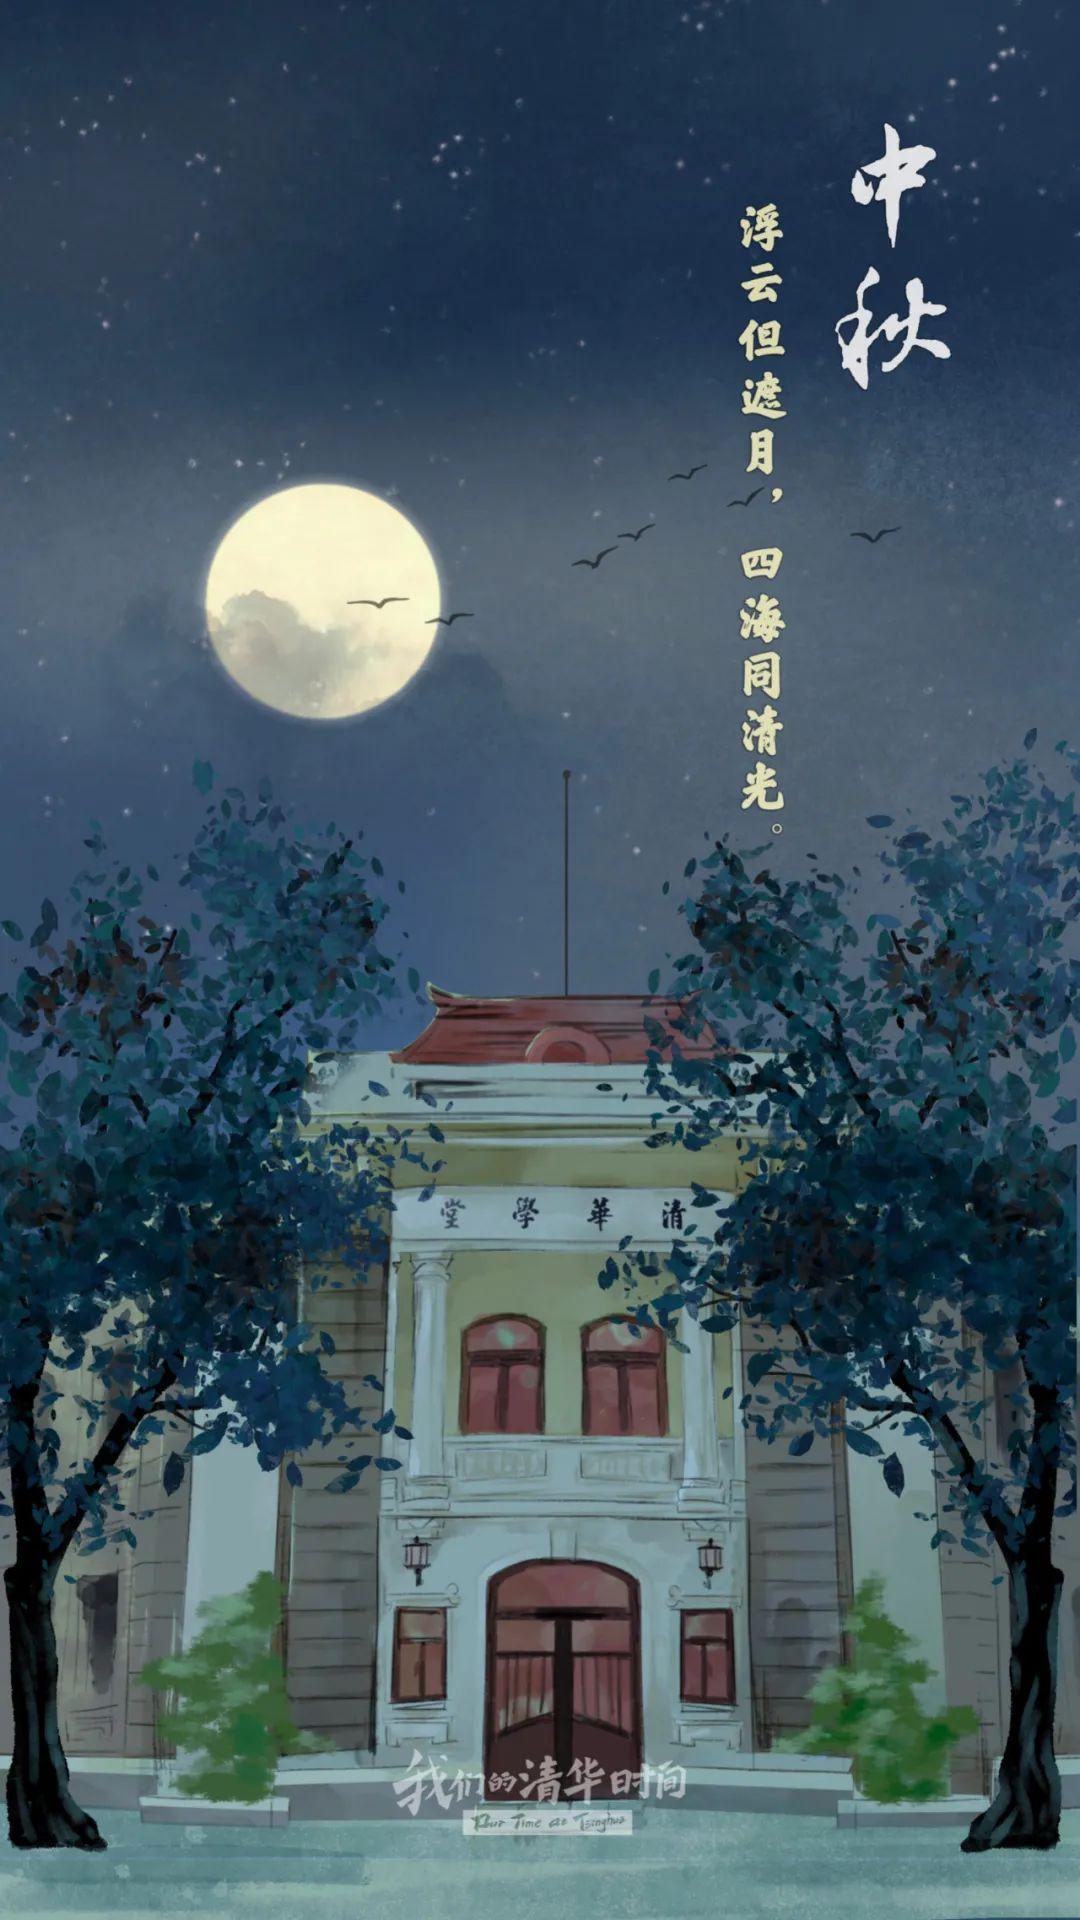 秋风明月,九月与你